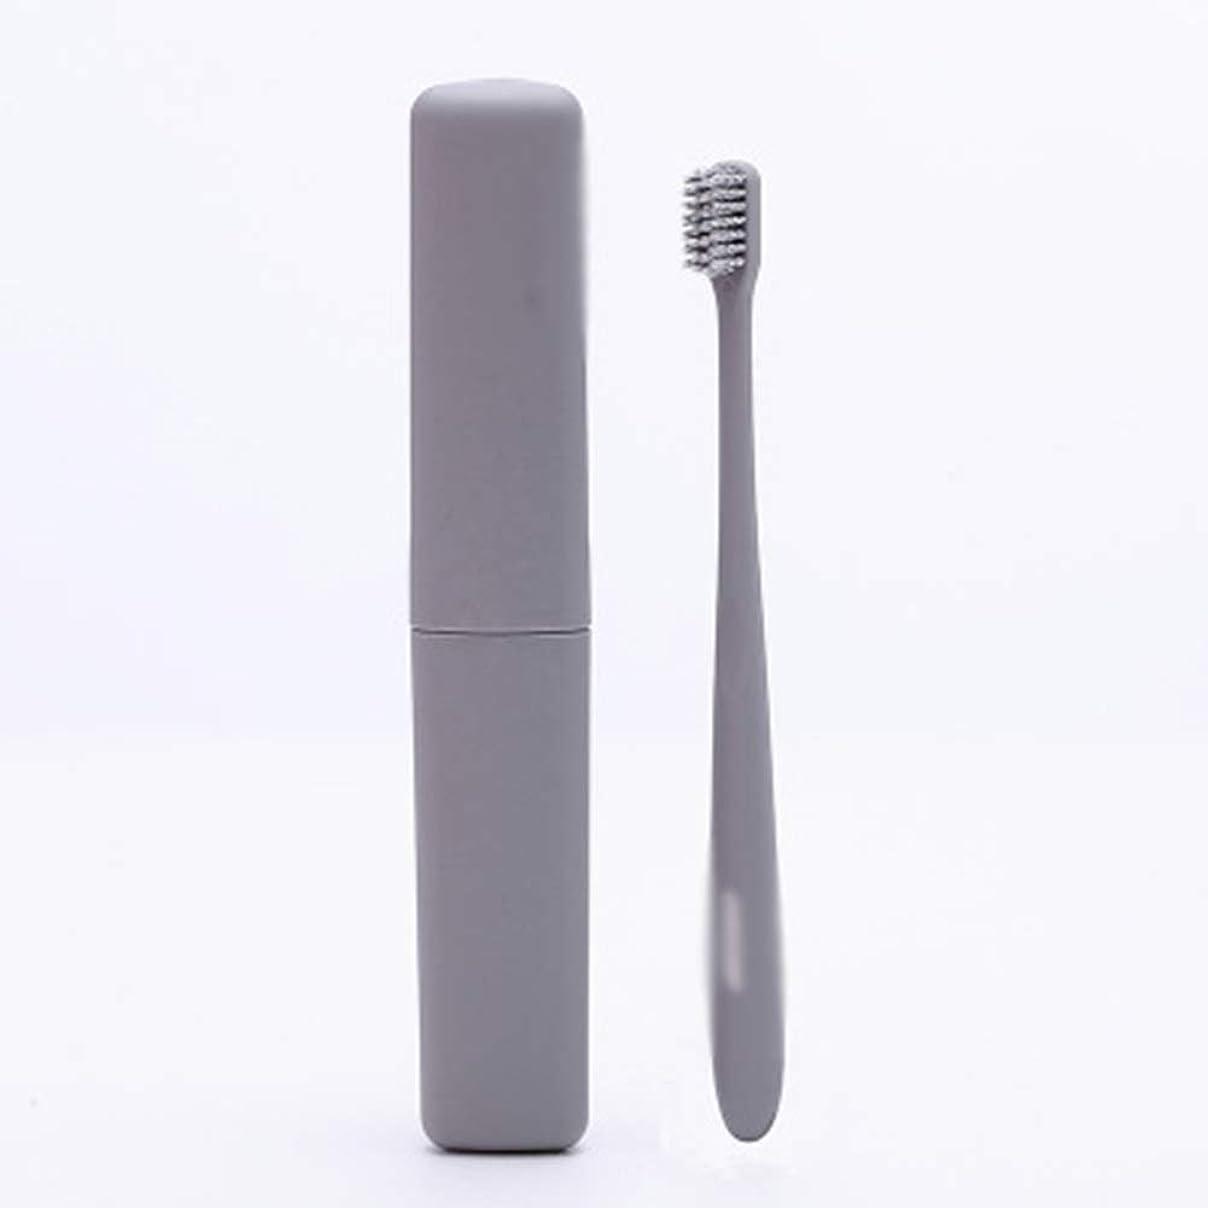 野生悲惨な欠陥新しい特別に柔らかい密集した剛毛の歯ブラシ、歯肉炎および敏感な歯のための最もよい生物分解性の歯ブラシ,C